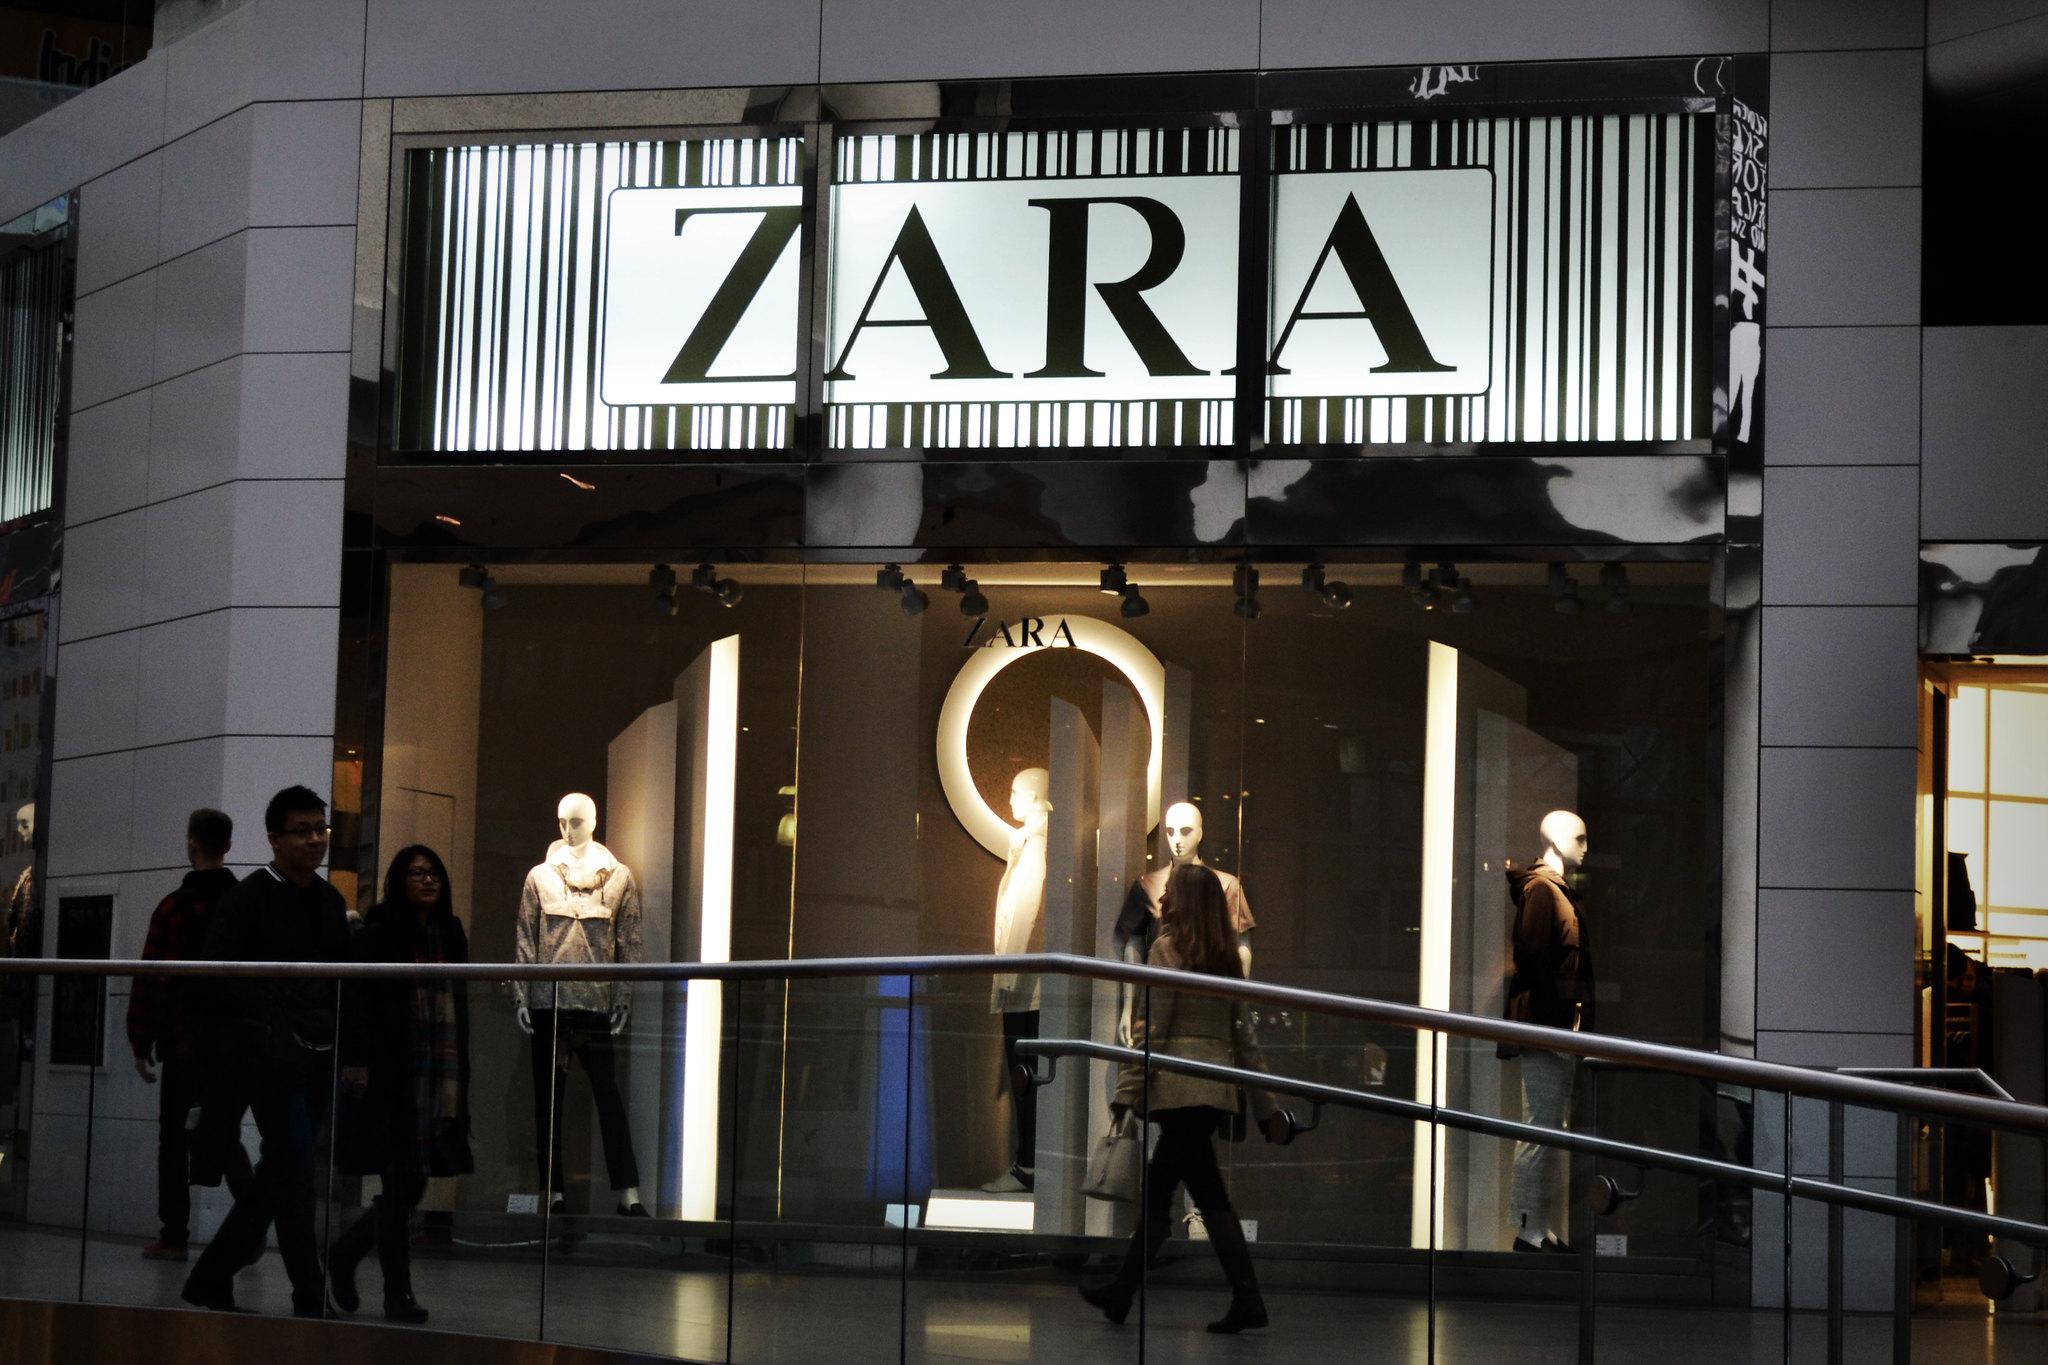 Tienda Zara en Toronto, Canadá. Foto: Flickr / bargainmoose